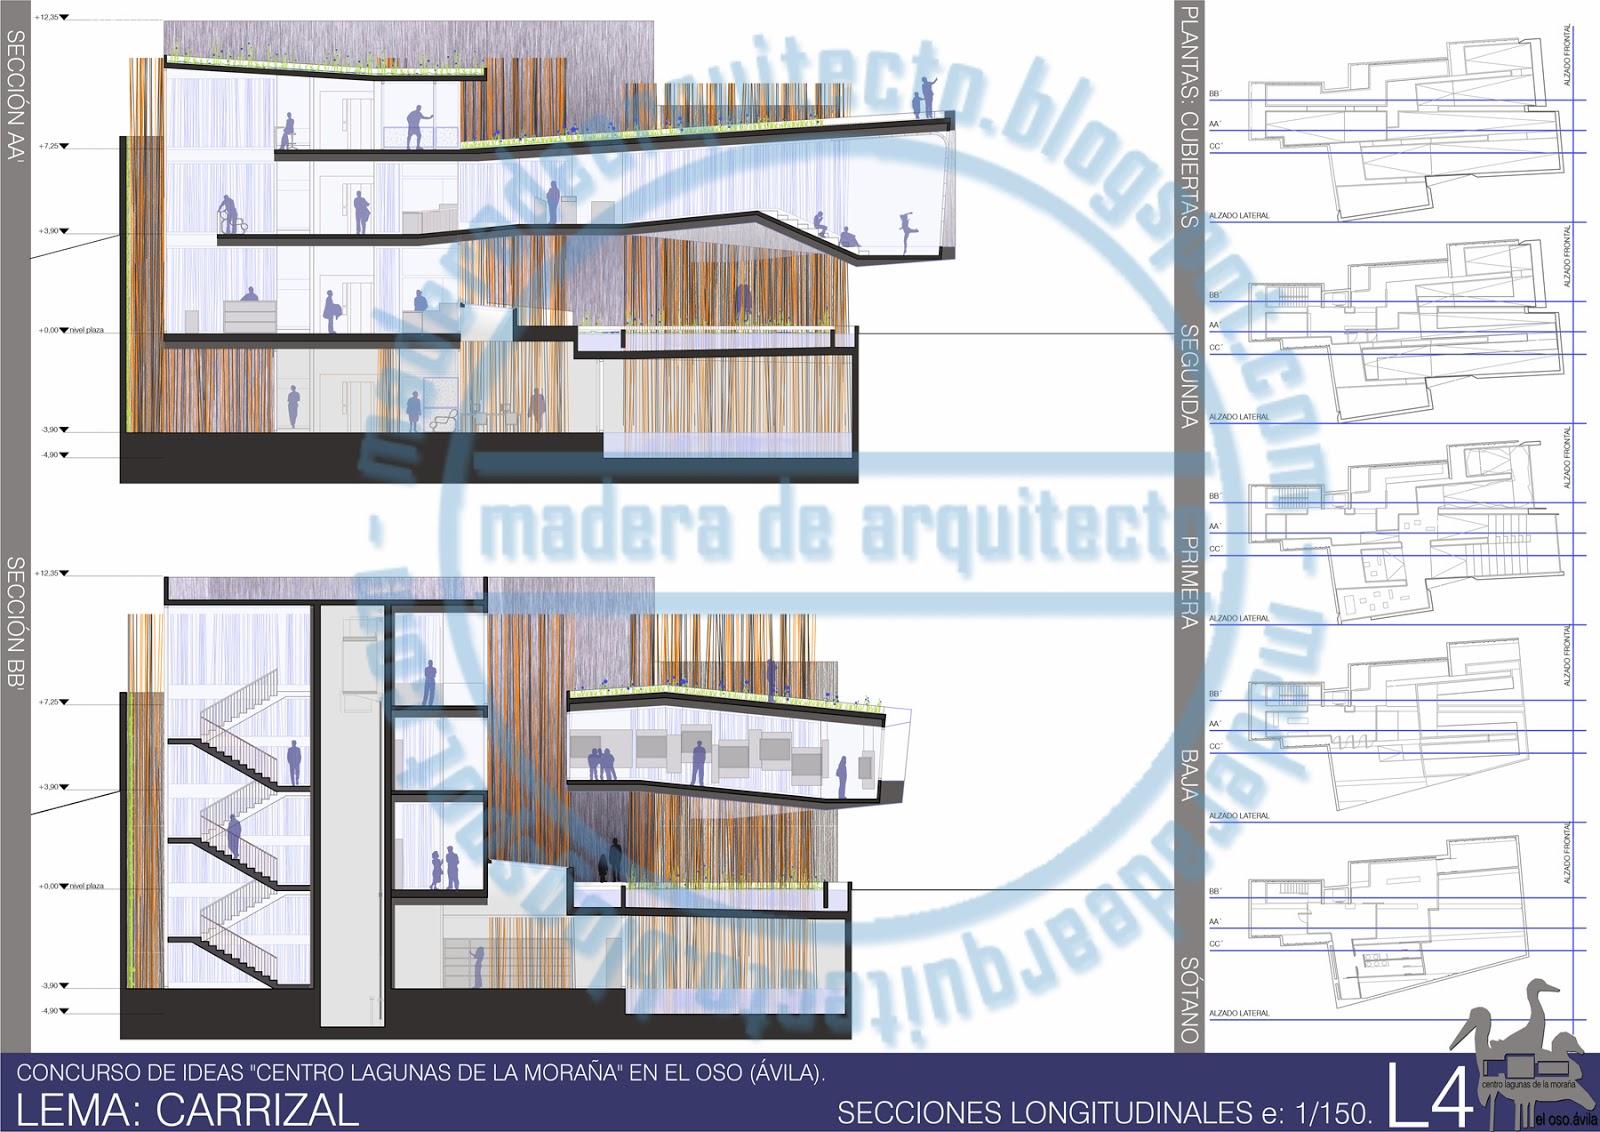 Madera de arquitecto concurso lagunas de la mora a en el - Arquitectos en avila ...